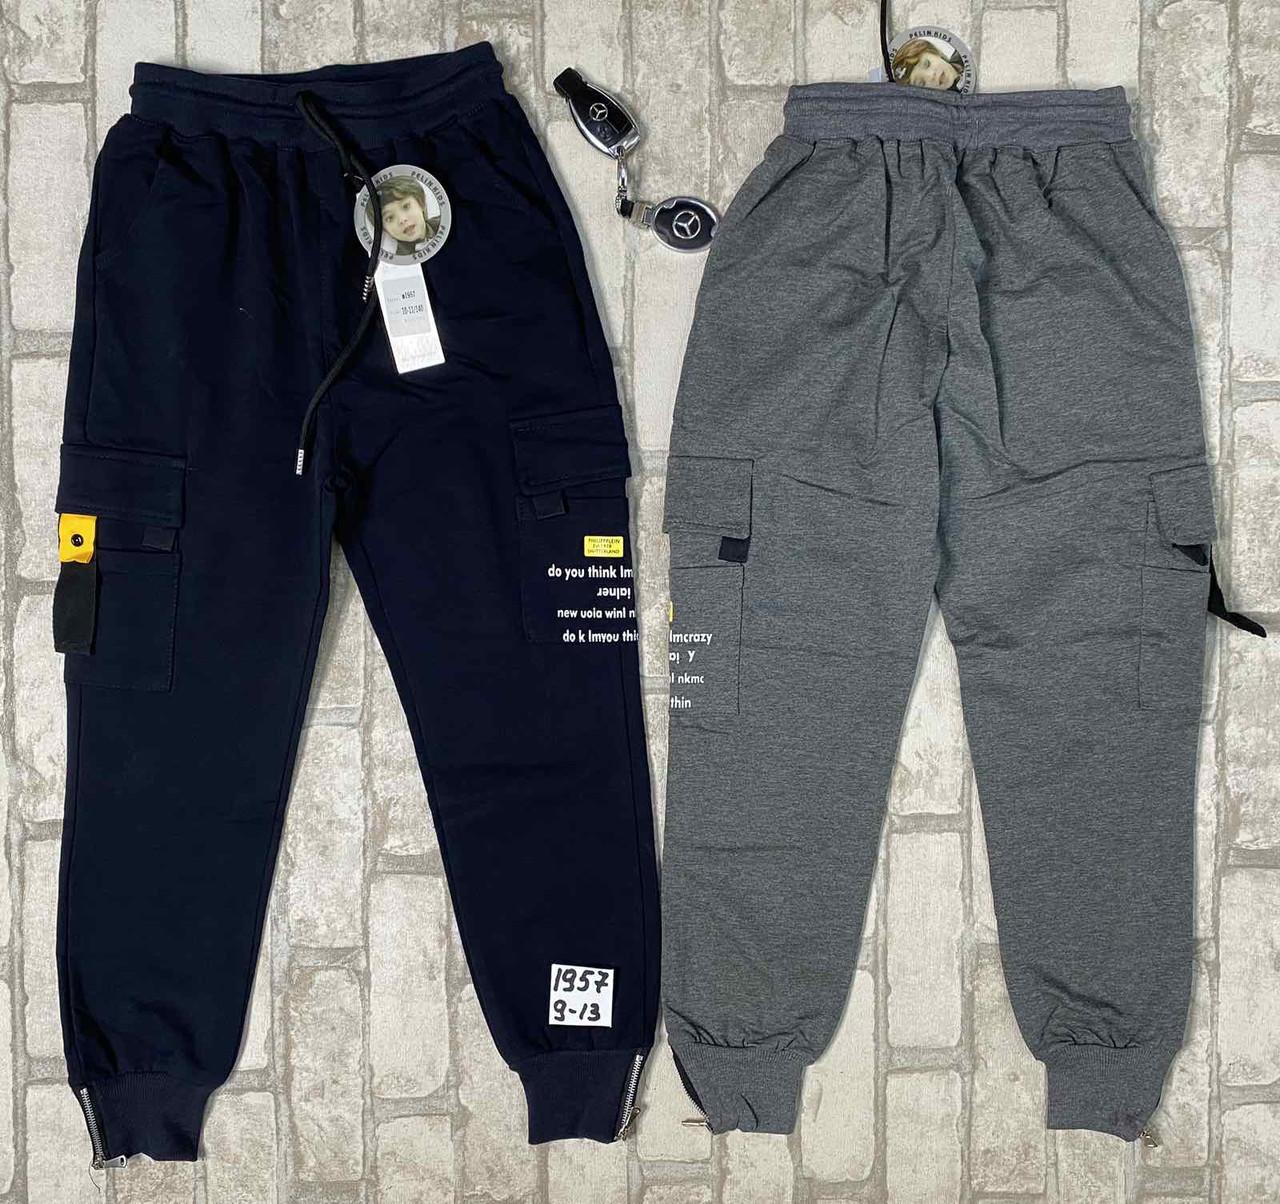 {есть:10/11 лет,12/13 лет} Спортивные брюки для мальчиков Pelin Kids, Артикул: P1957-т.синий [10/11 лет]